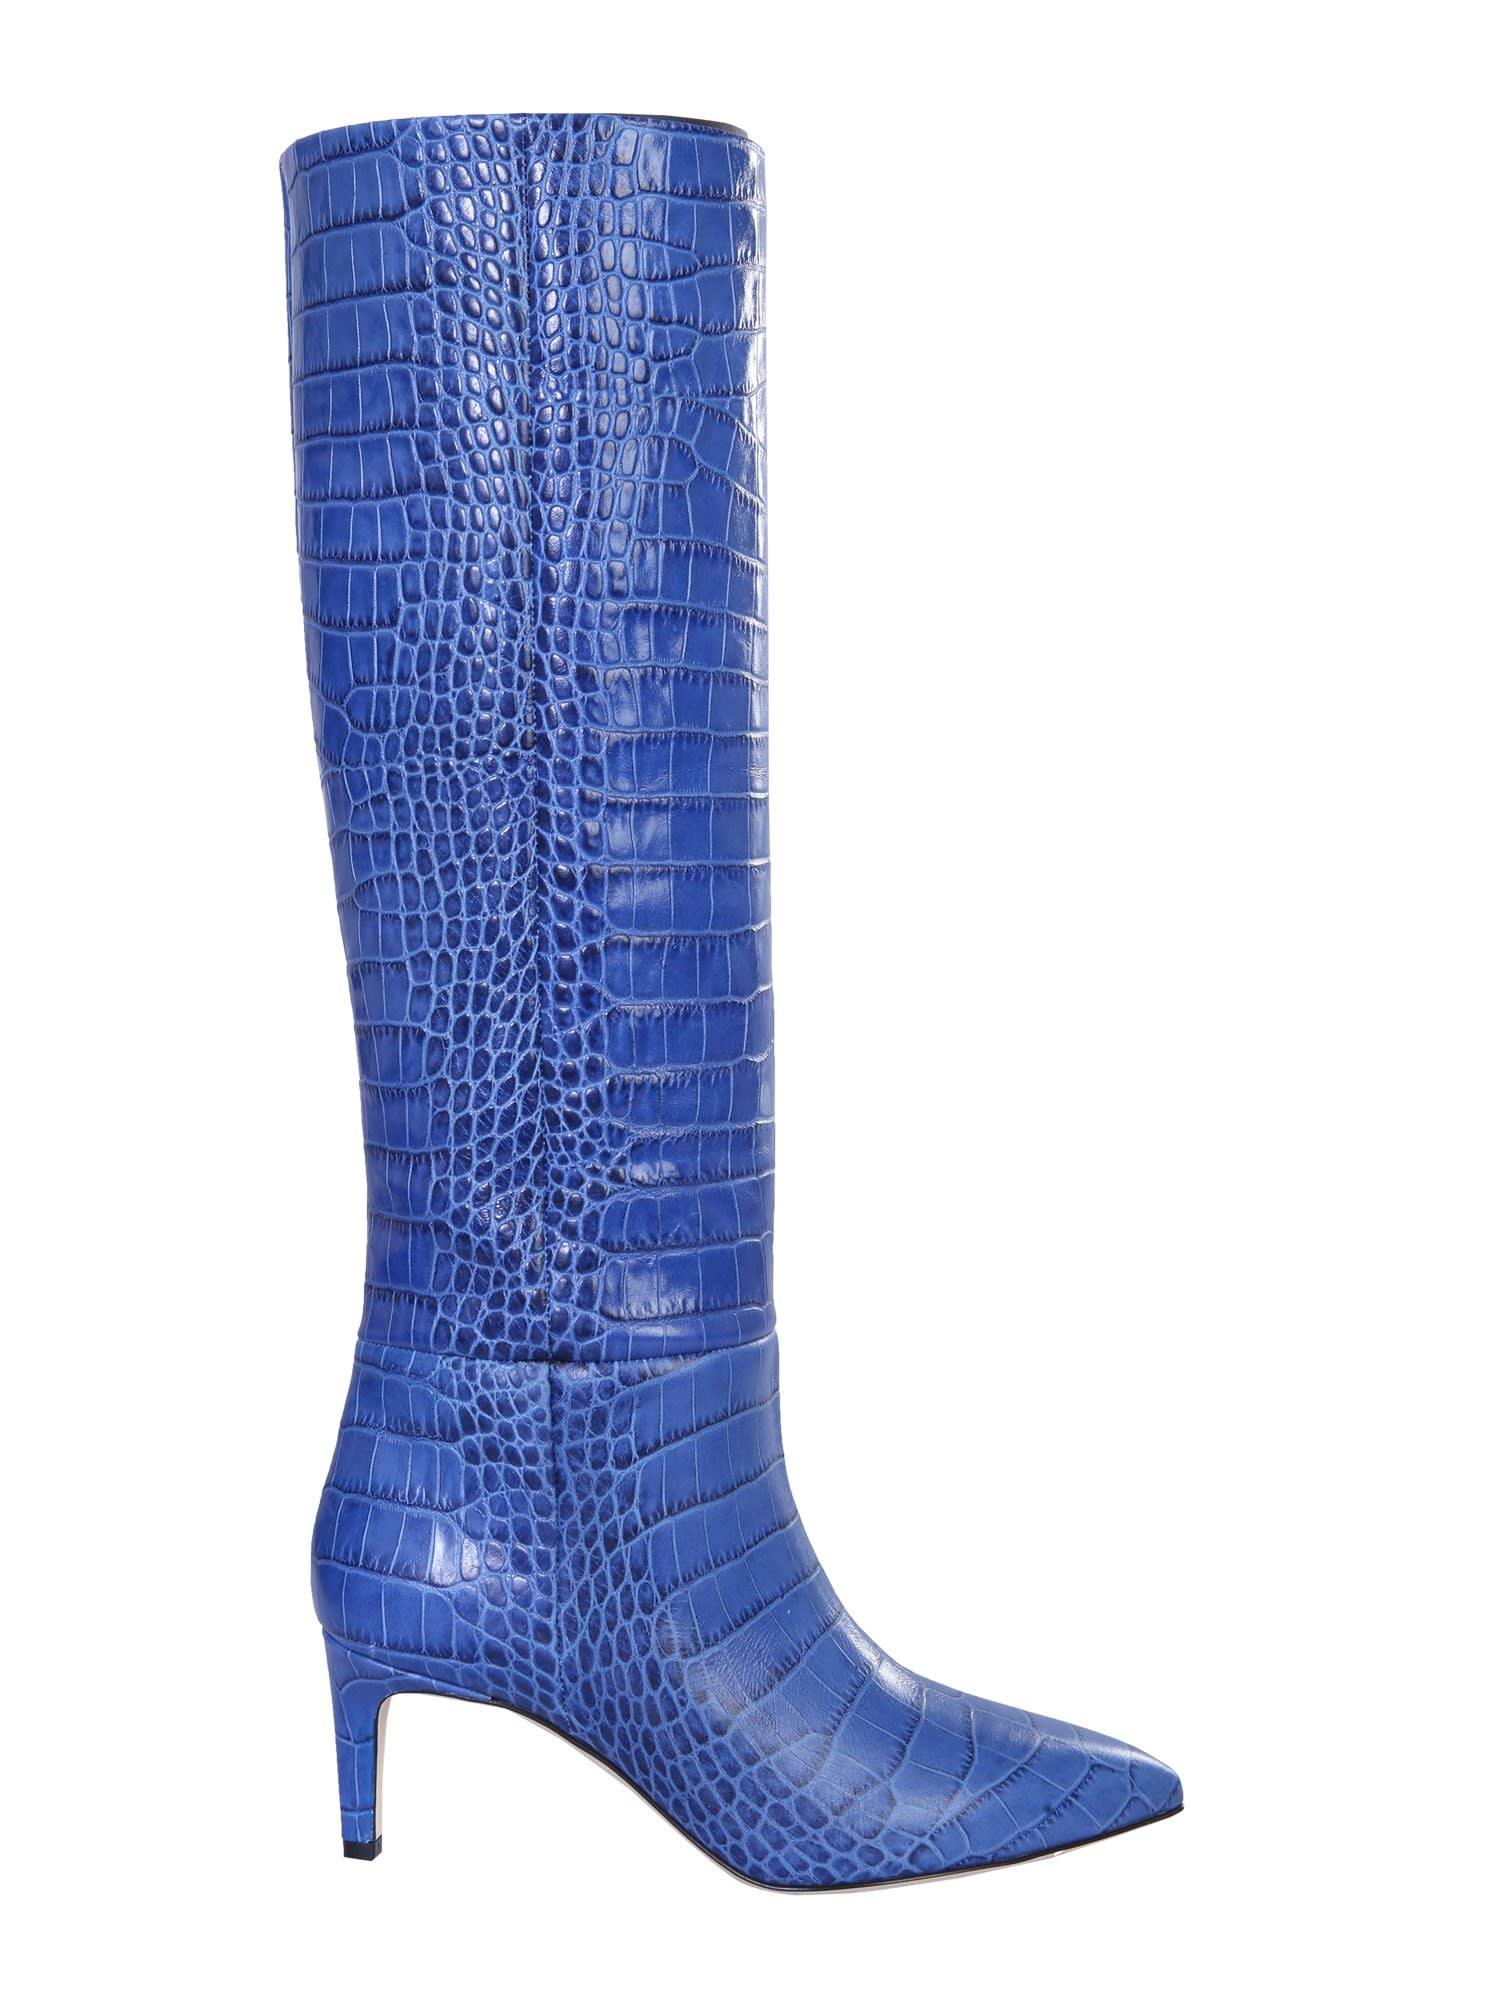 Paris Texas High Boots